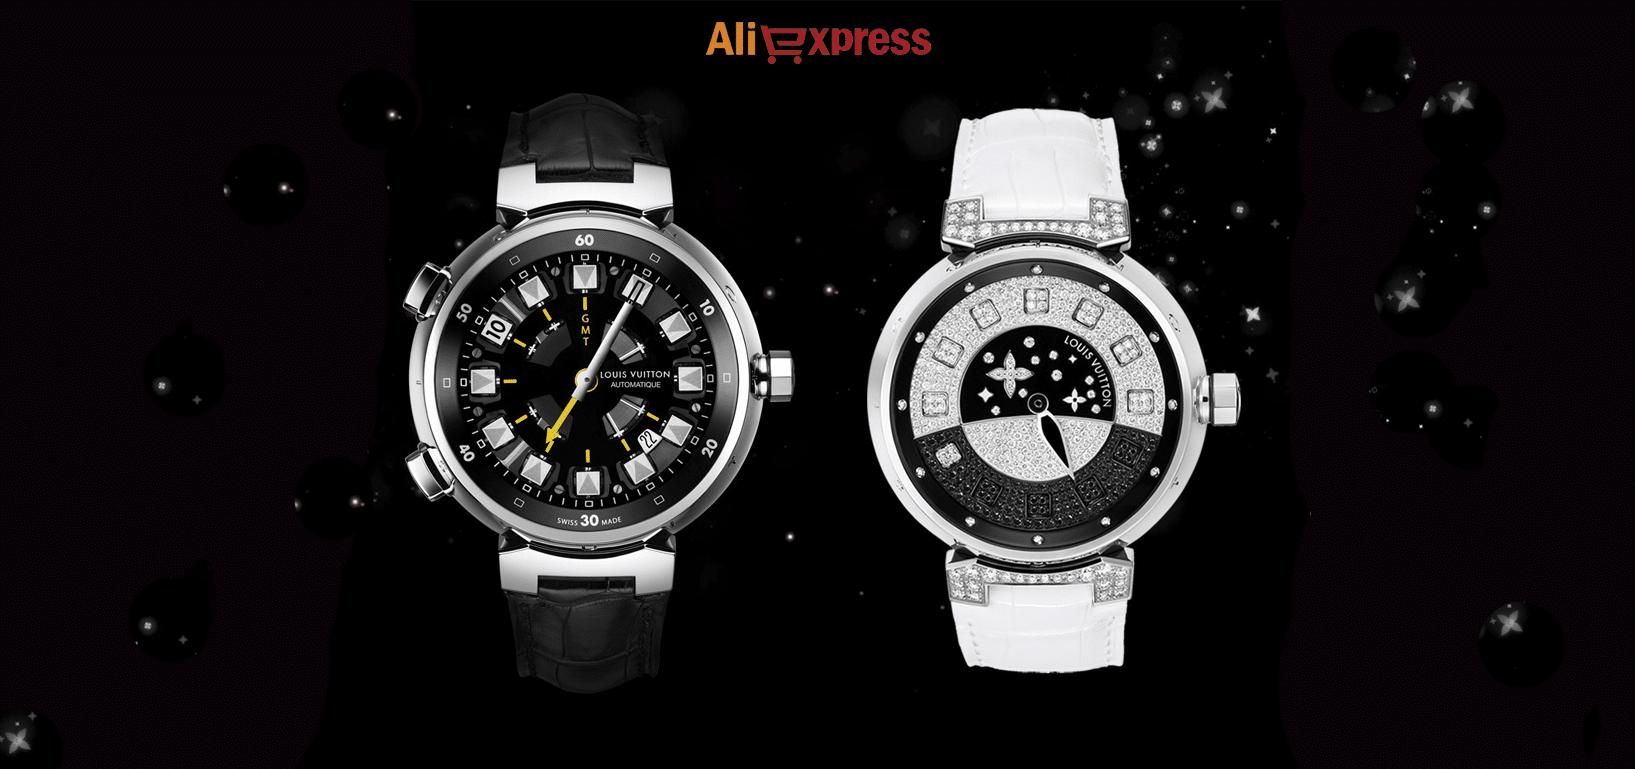 67c0637a84e0 Trouver de bonnes montres de marques chinoises sur AliExpress